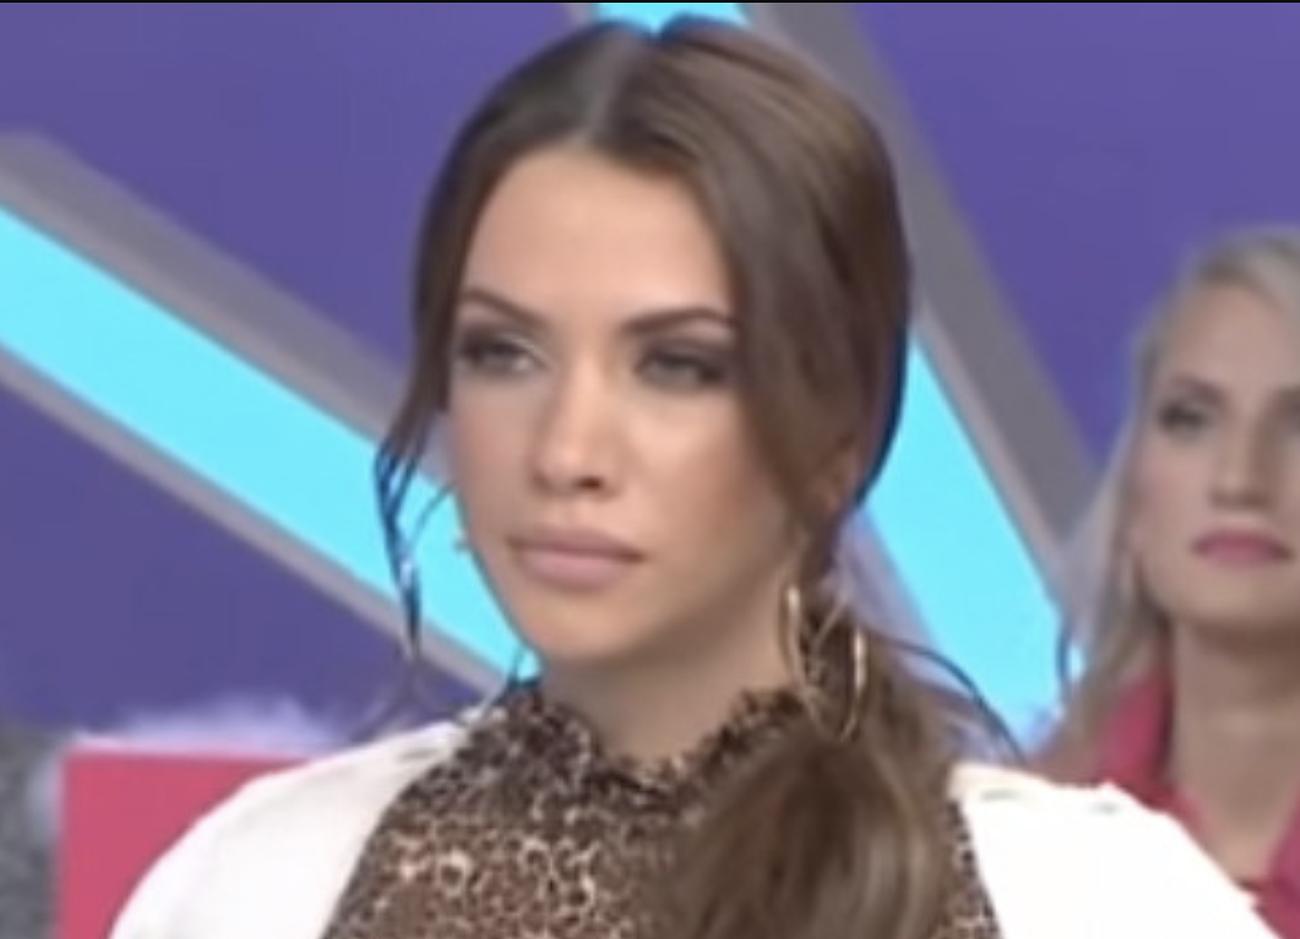 Η Έλλη Γελεβεσάκη απαντά για το χωρισμό από τον Γιώργο Μανίκα και τη σχέση τους σήμερα